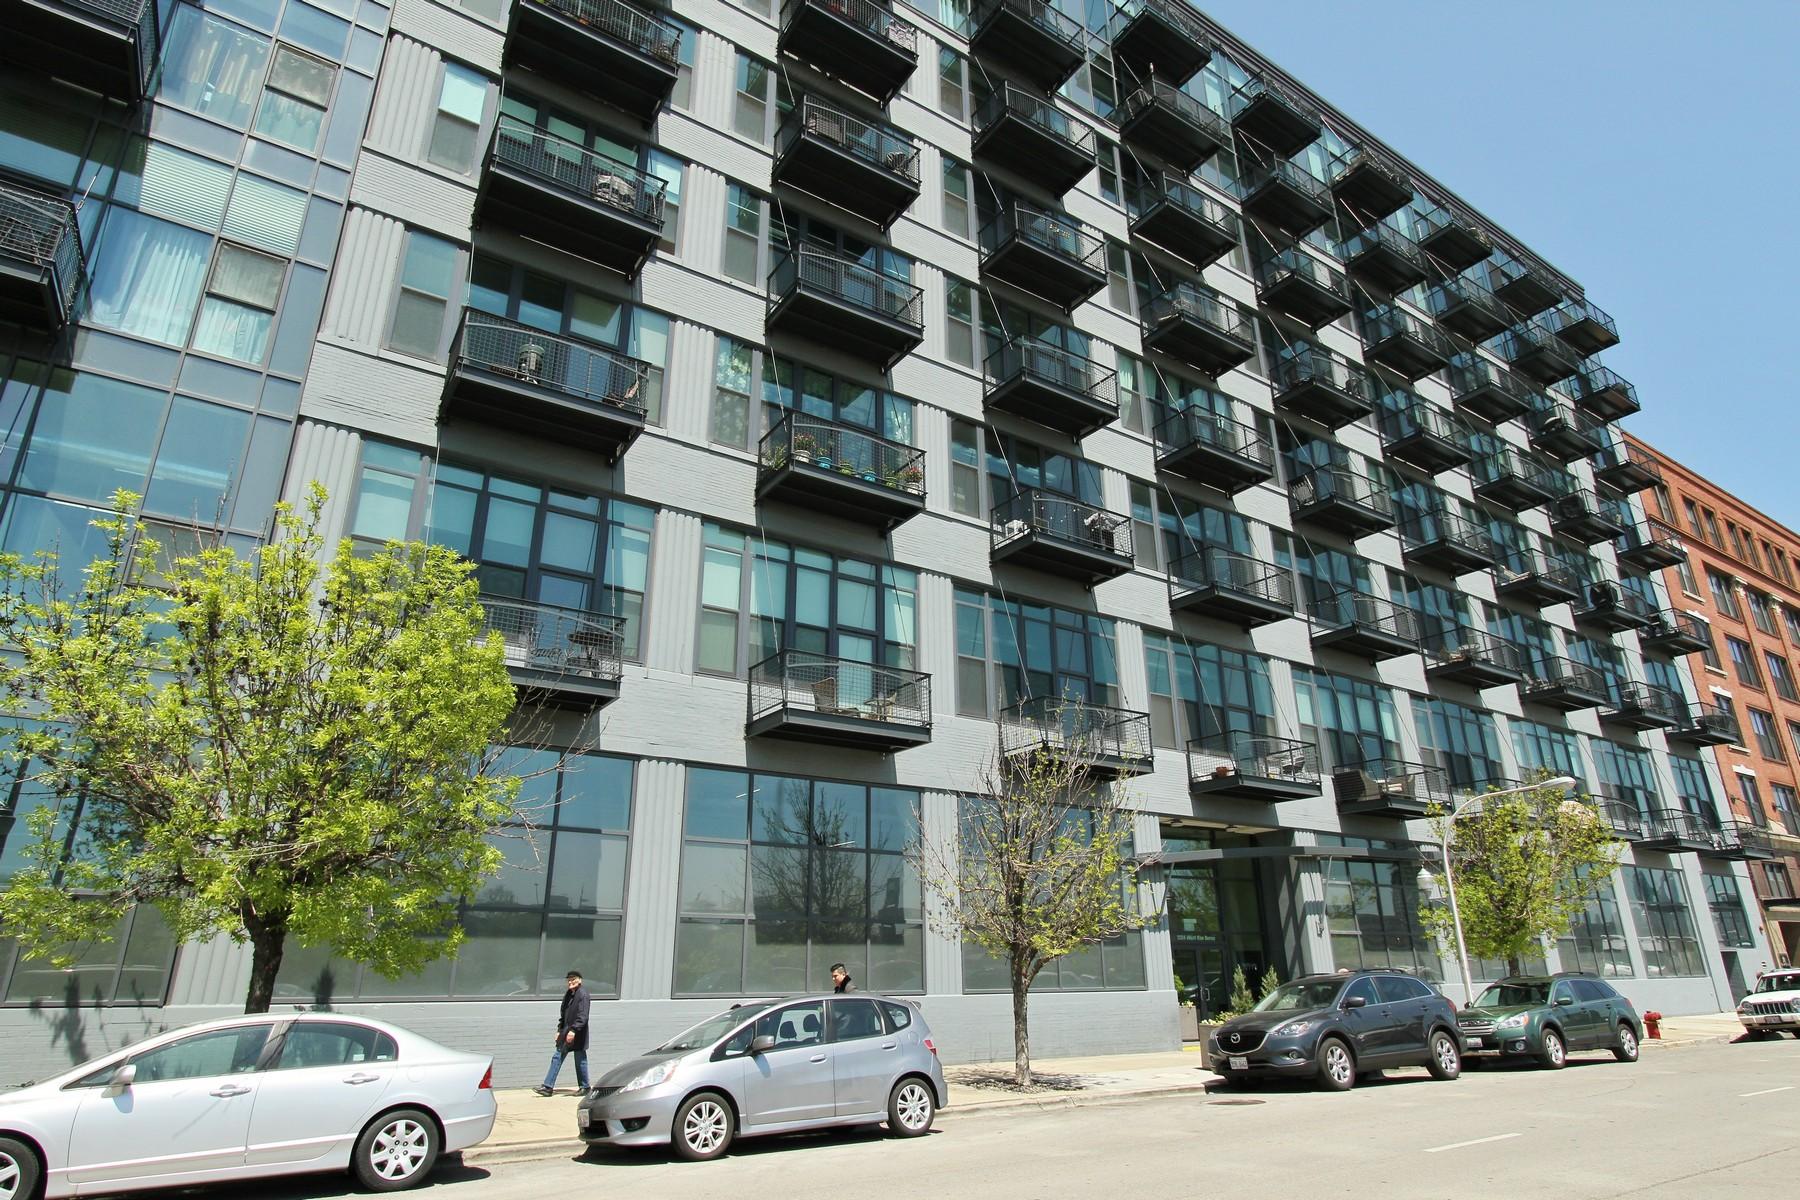 Tek Ailelik Ev için Satış at Fabulous 2BR Condo 1224 W Van Buren Street Unit 302 Near West Side, Chicago, Illinois, 60607 Amerika Birleşik Devletleri